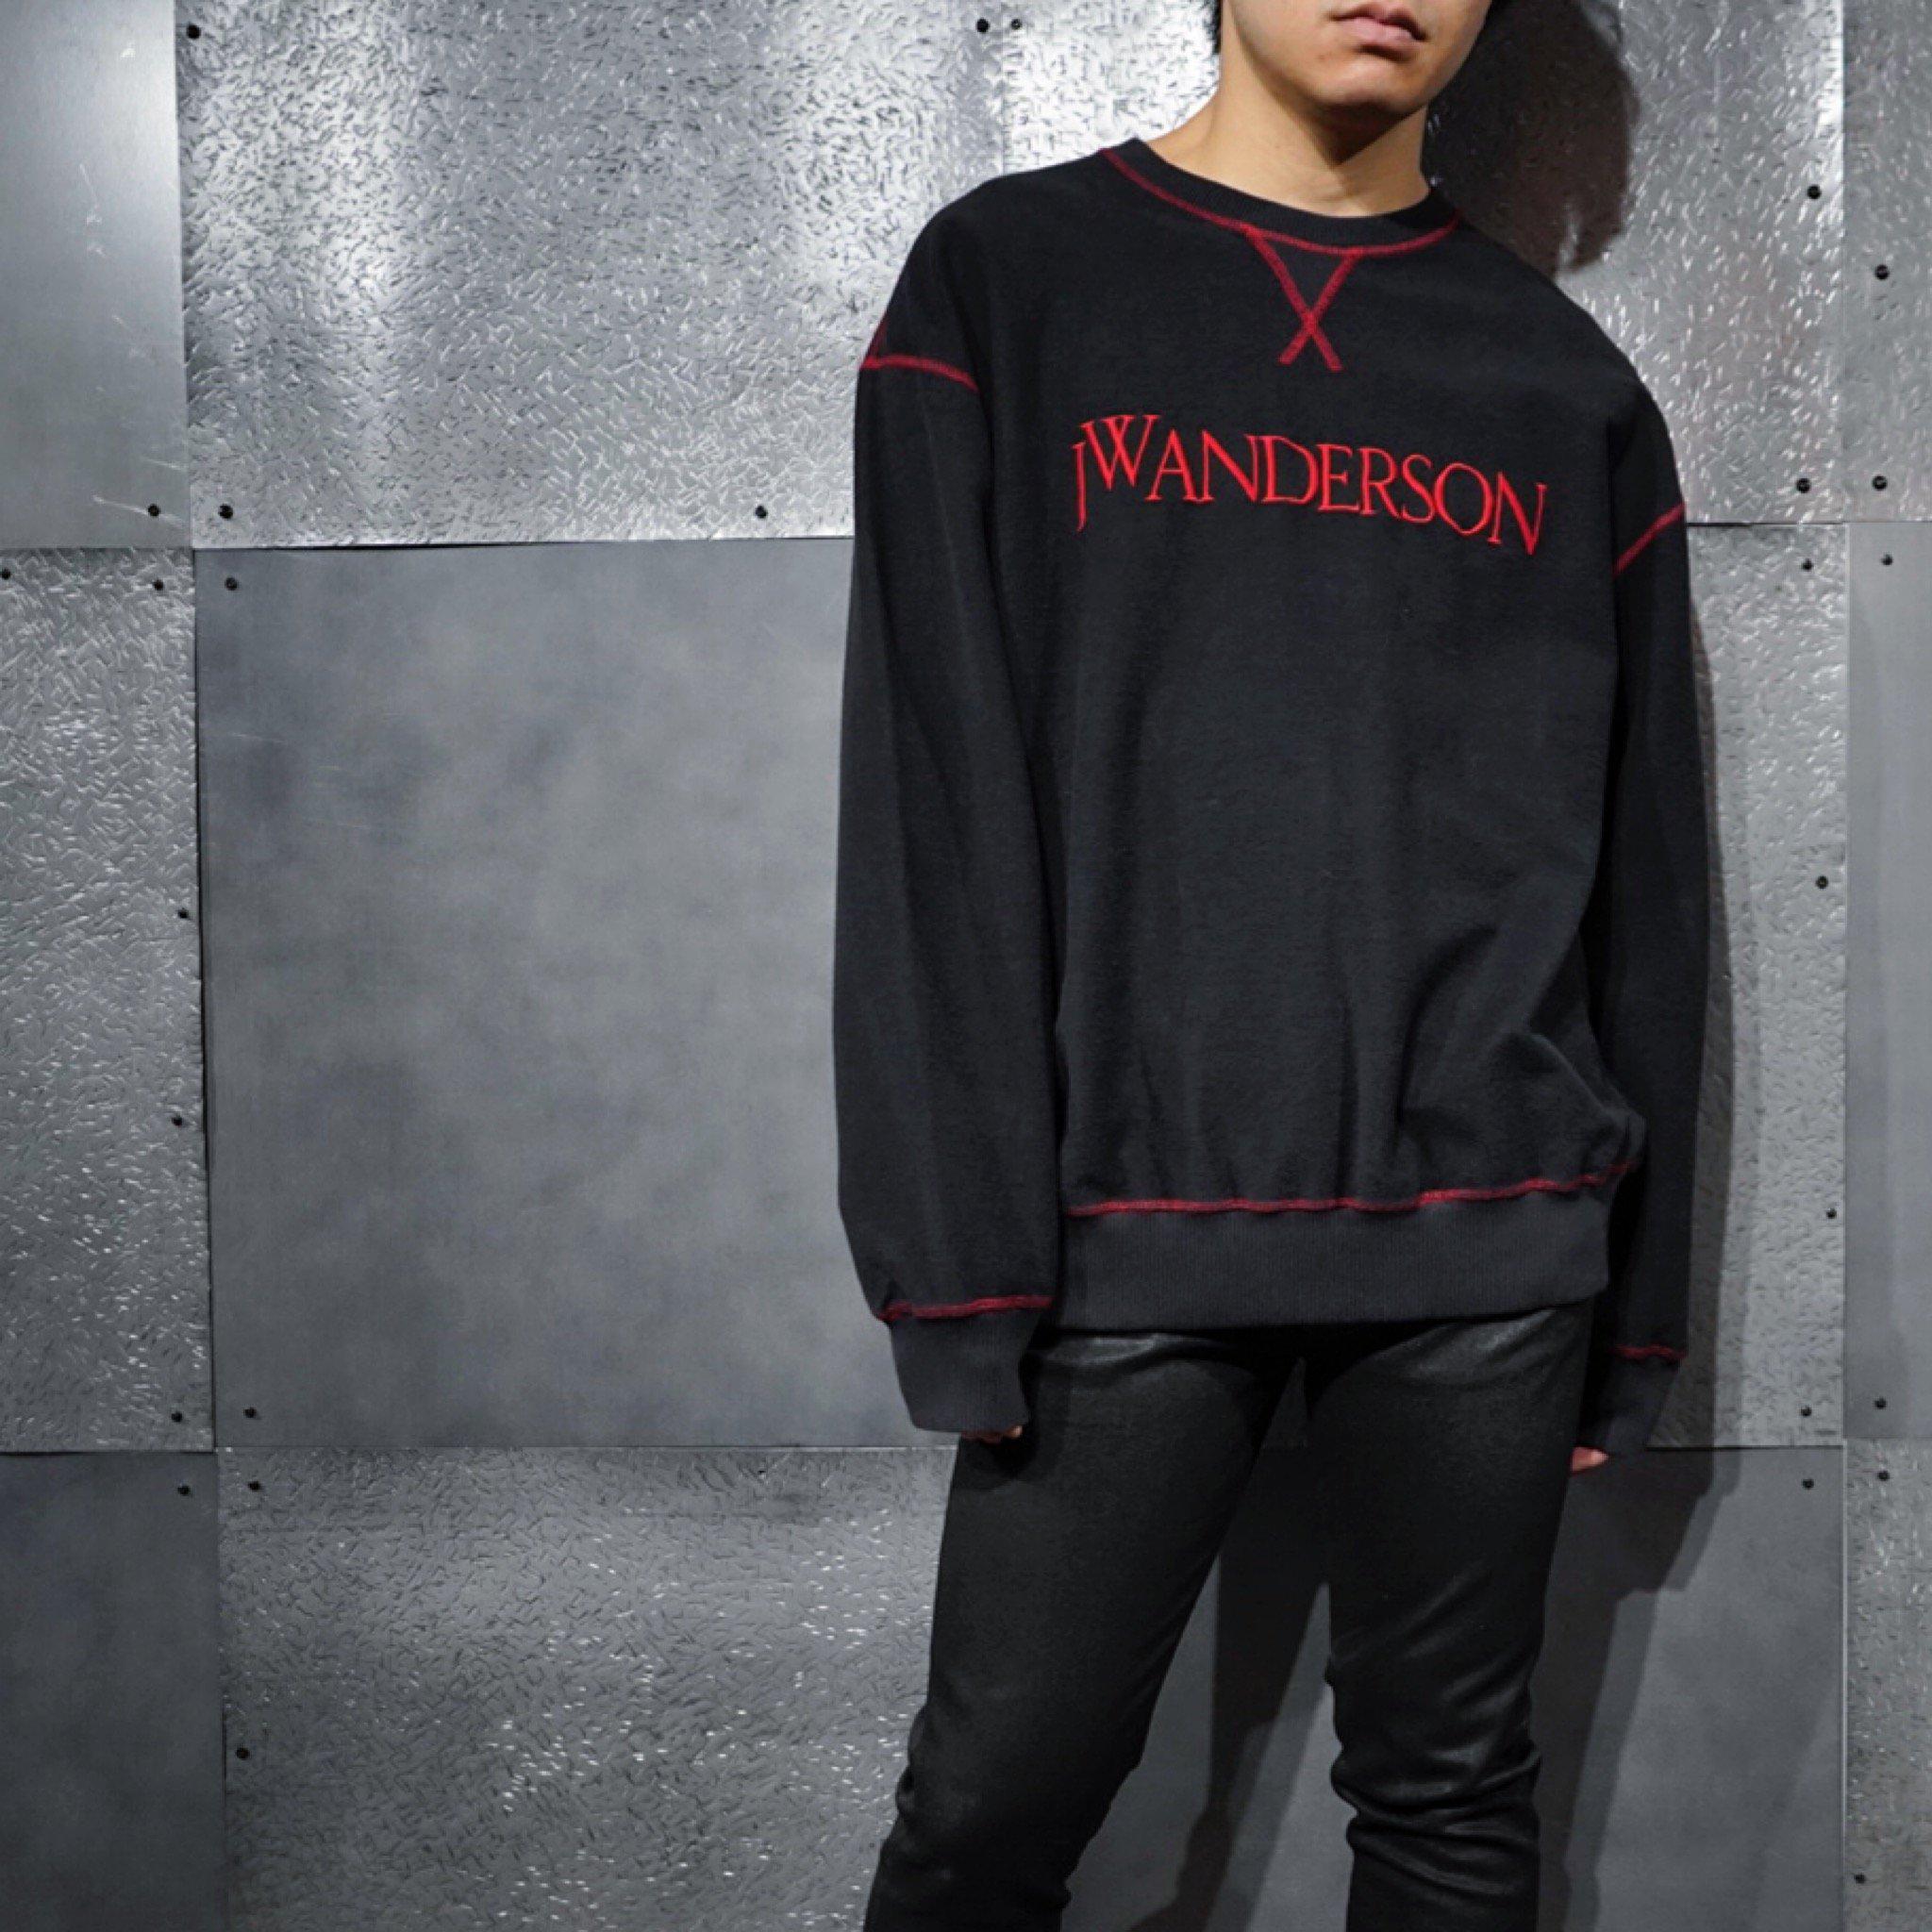 【JW ANDERSON】- インサイドアウトスウェットシャツ